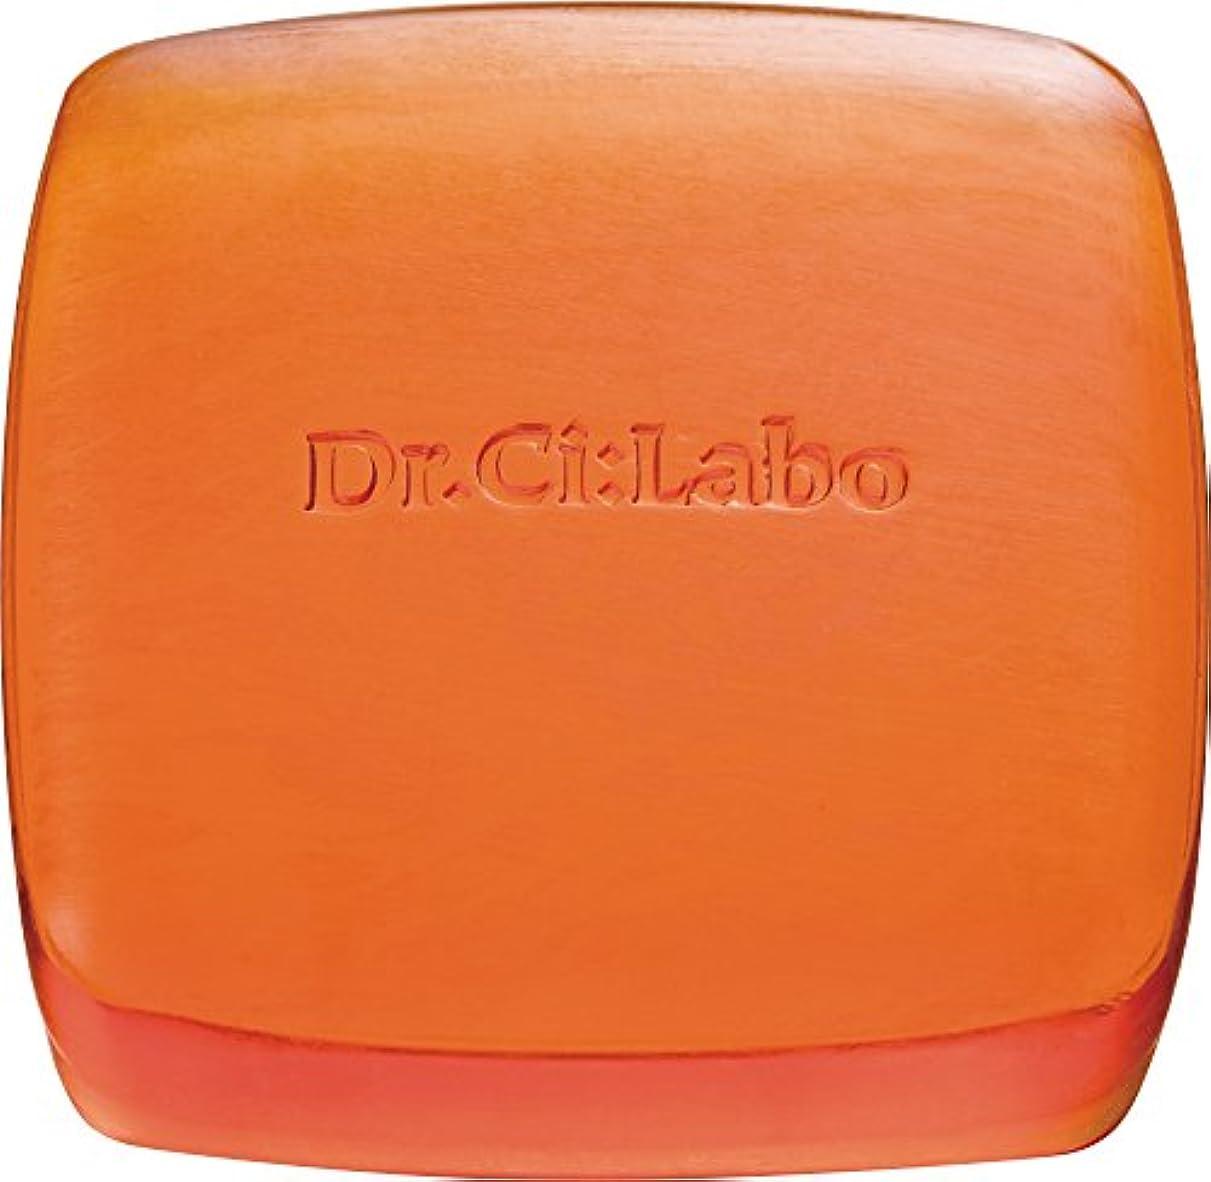 倒産一貫性のない位置づけるドクターシーラボ VC100ピーリングソープ 100g 洗顔石鹸